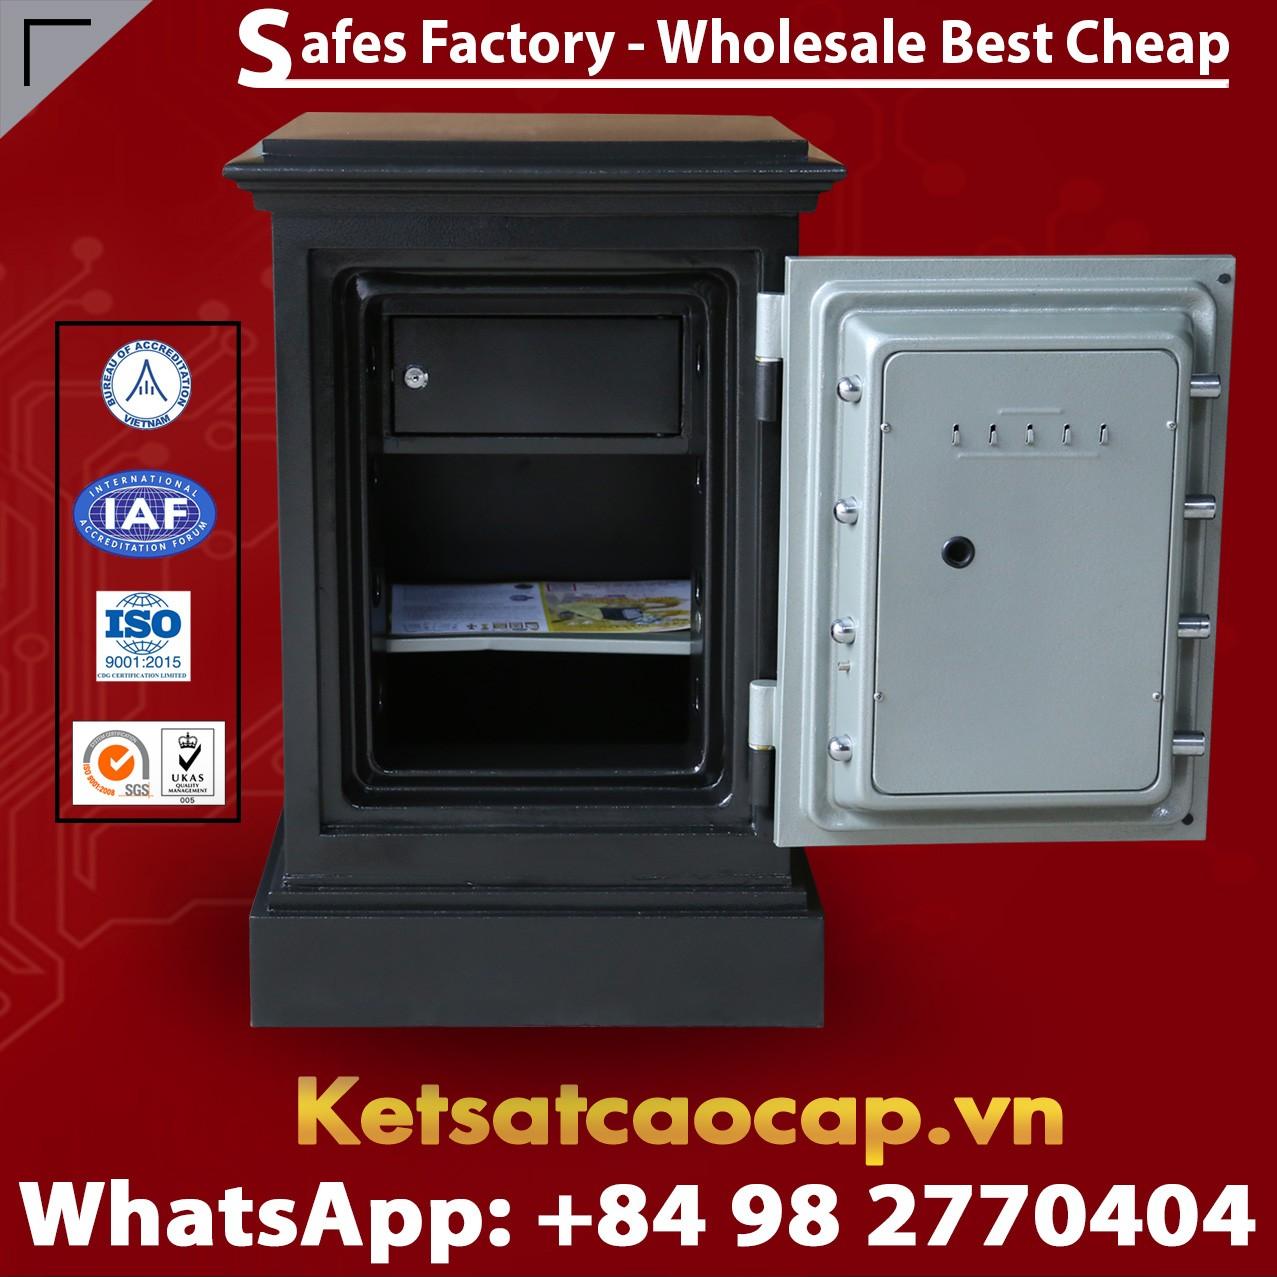 Wholesale cheap best